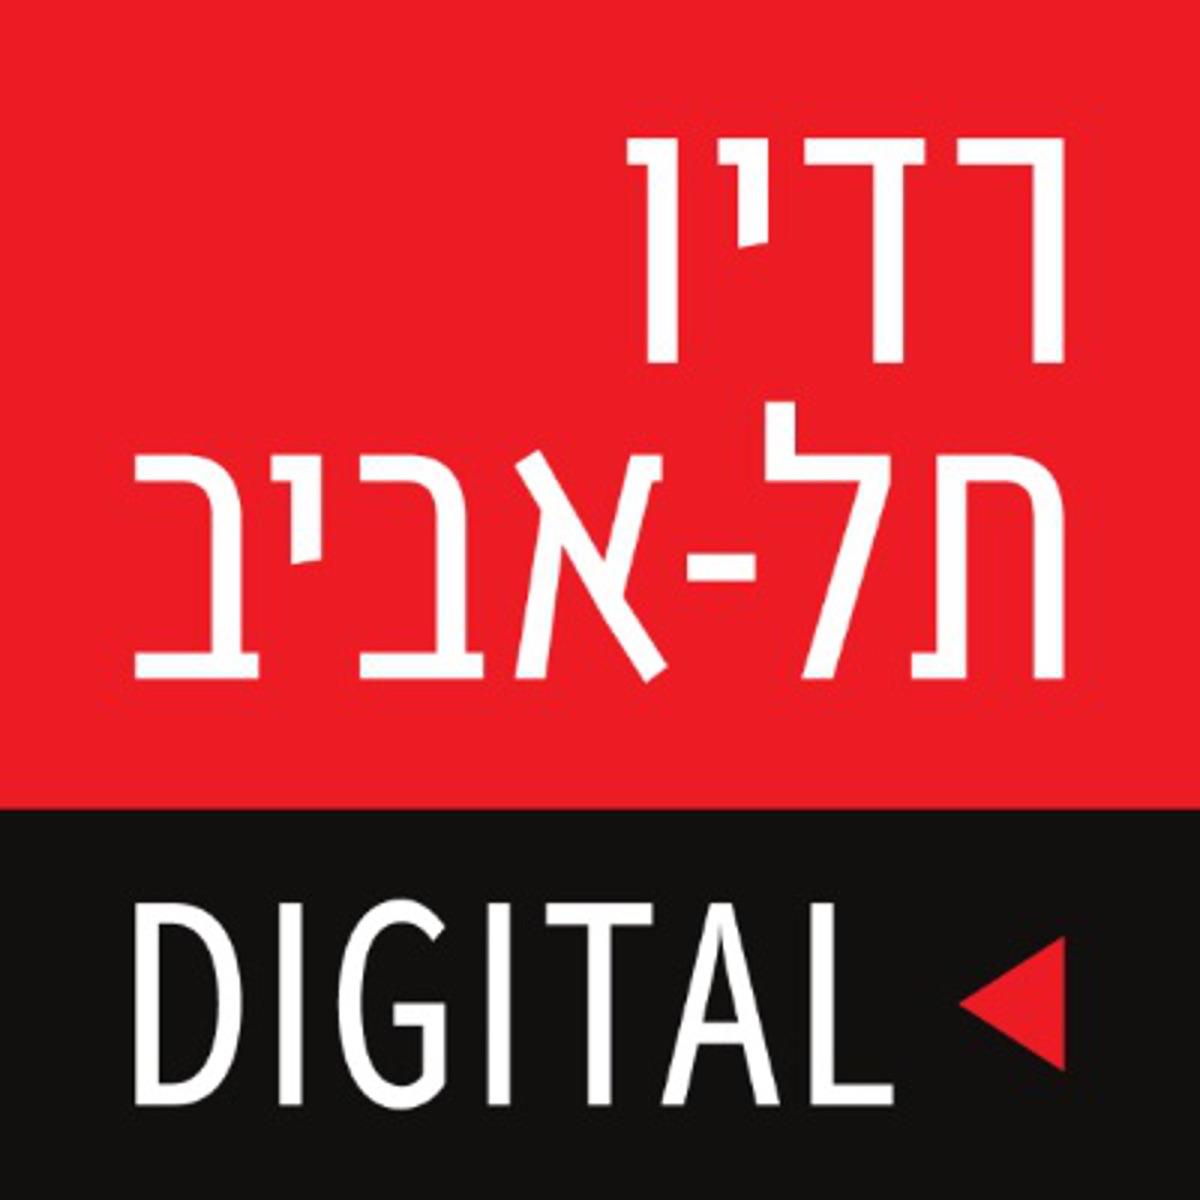 ערוץ הפודקאסטים של רדיו תל אביב